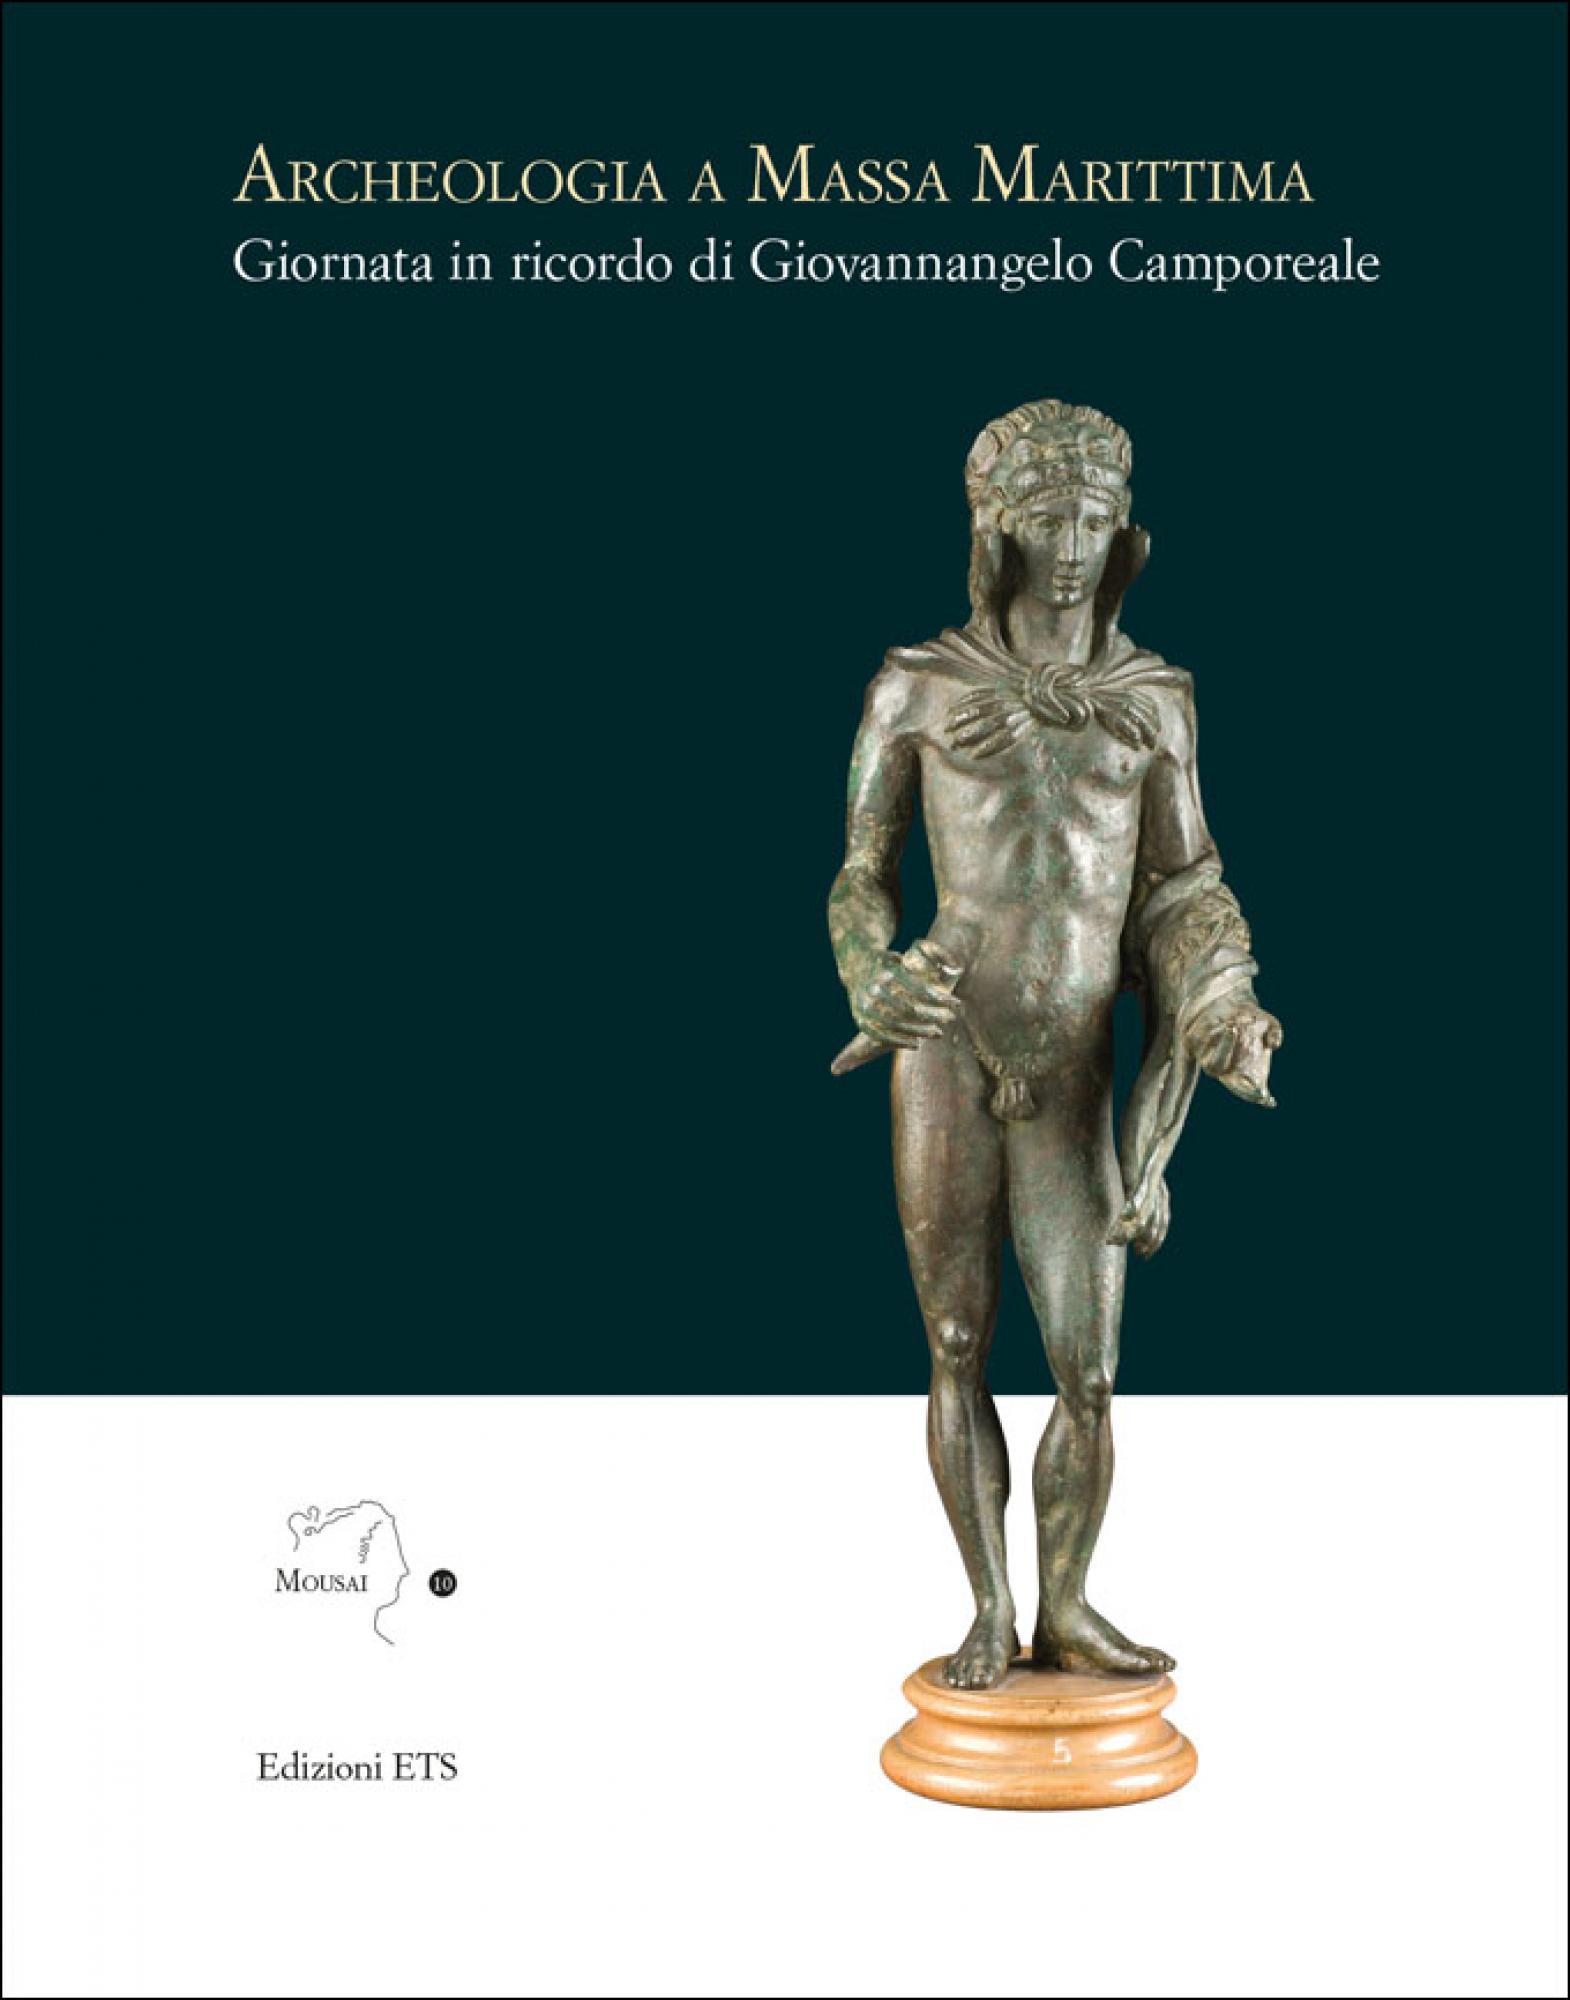 Archeologia a Massa Marittima.Giornata in ricordo di Giovannangelo Camporeale